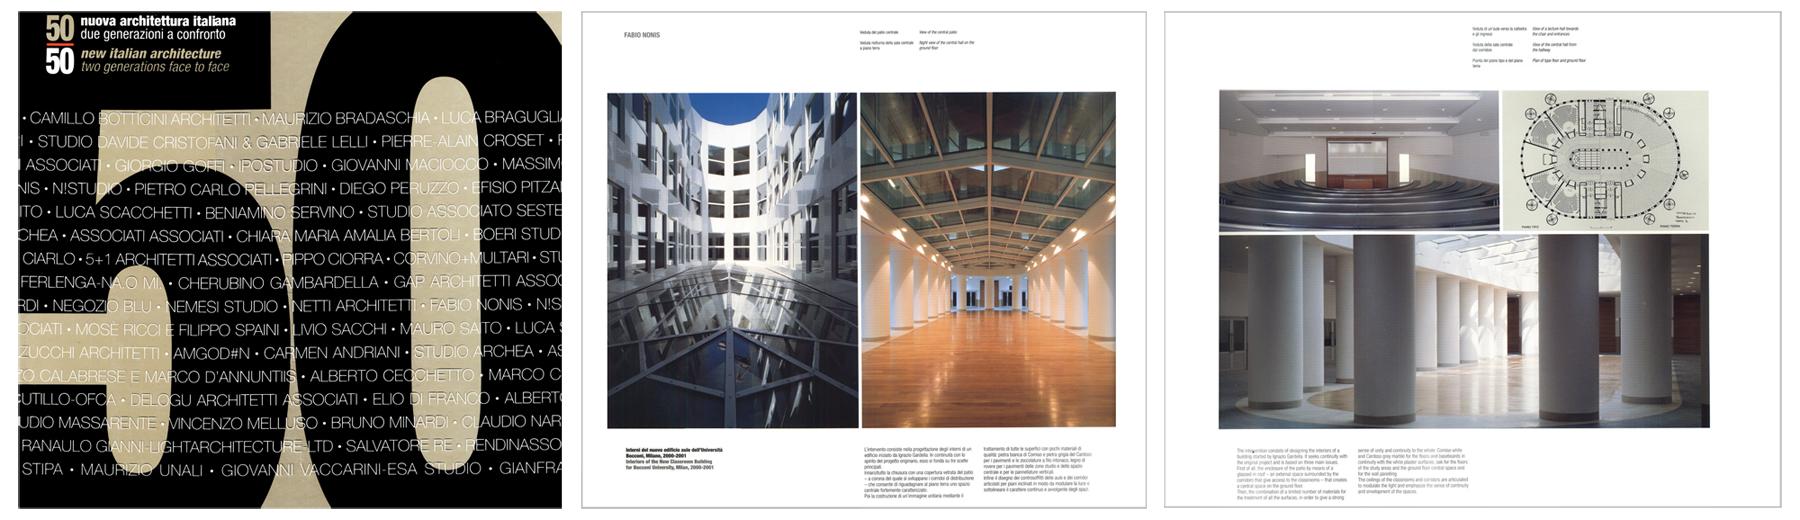 """""""50, nuova architettura italiana, due generazioni a confronto"""" Federico Motta Editore, 2002"""